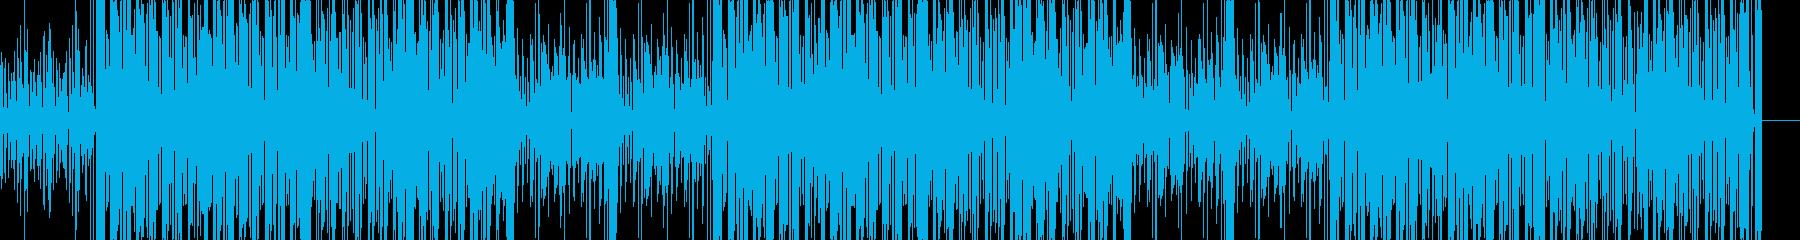 クラブ系2stepリズムのクールな曲の再生済みの波形